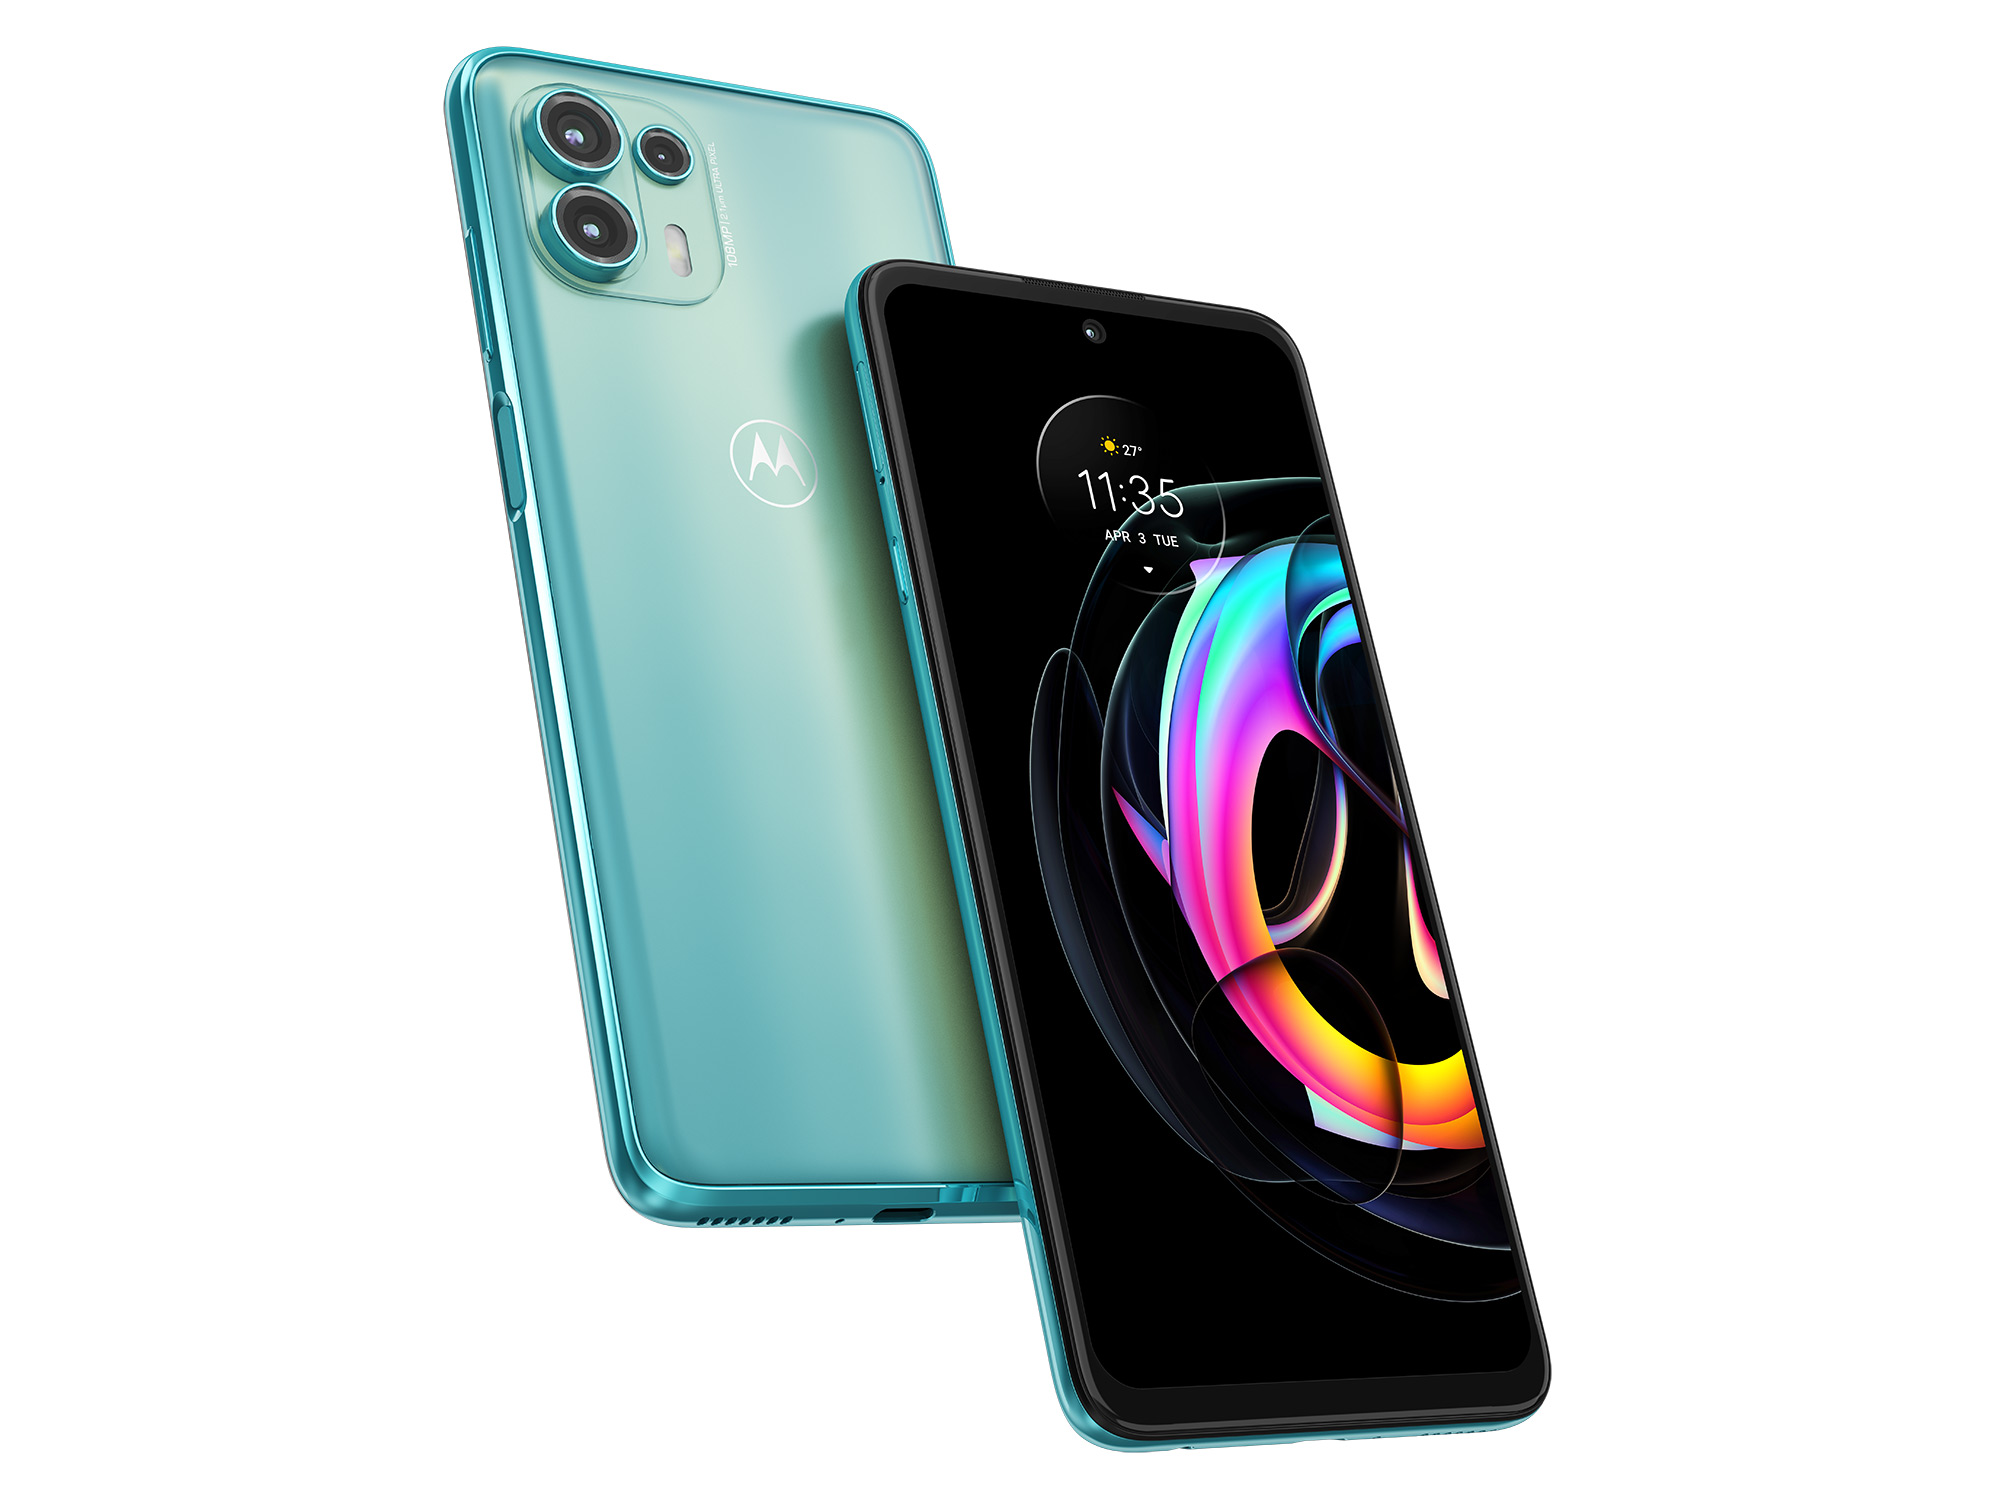 47356 Motorola представила смартфоны Edge 20, 20 Pro и 20 Lite для глобального рынка